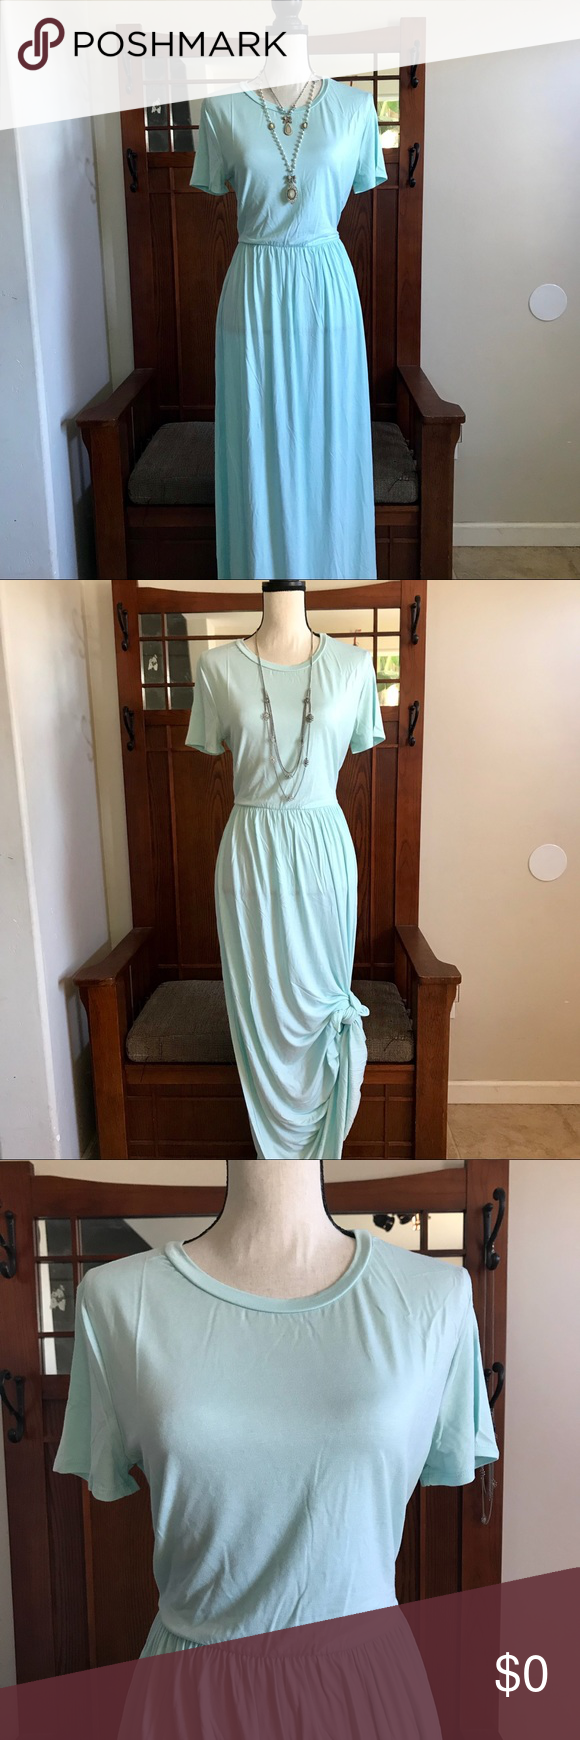 3 For 30 Size 2x Maxi Dress With Pockets Plus Size Maxi Dresses Clothes Design Gorgeous Dresses [ 1740 x 580 Pixel ]